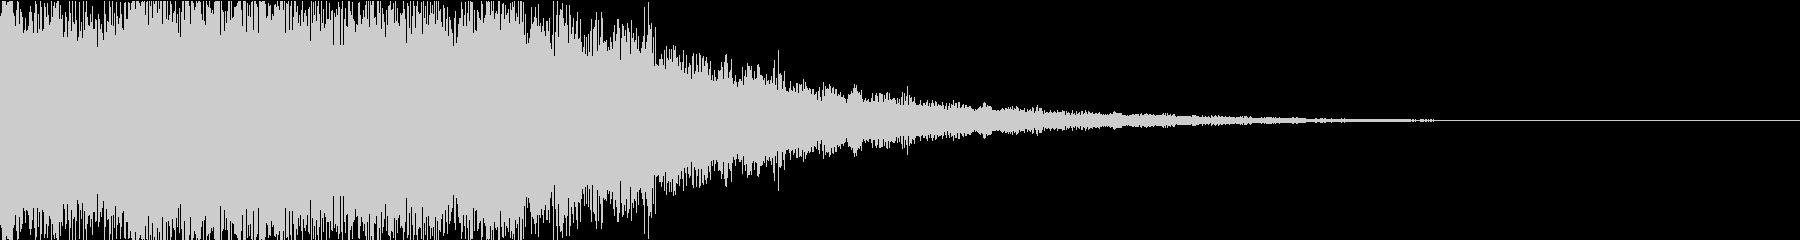 パン:ドキュメンタル風閃き音の未再生の波形